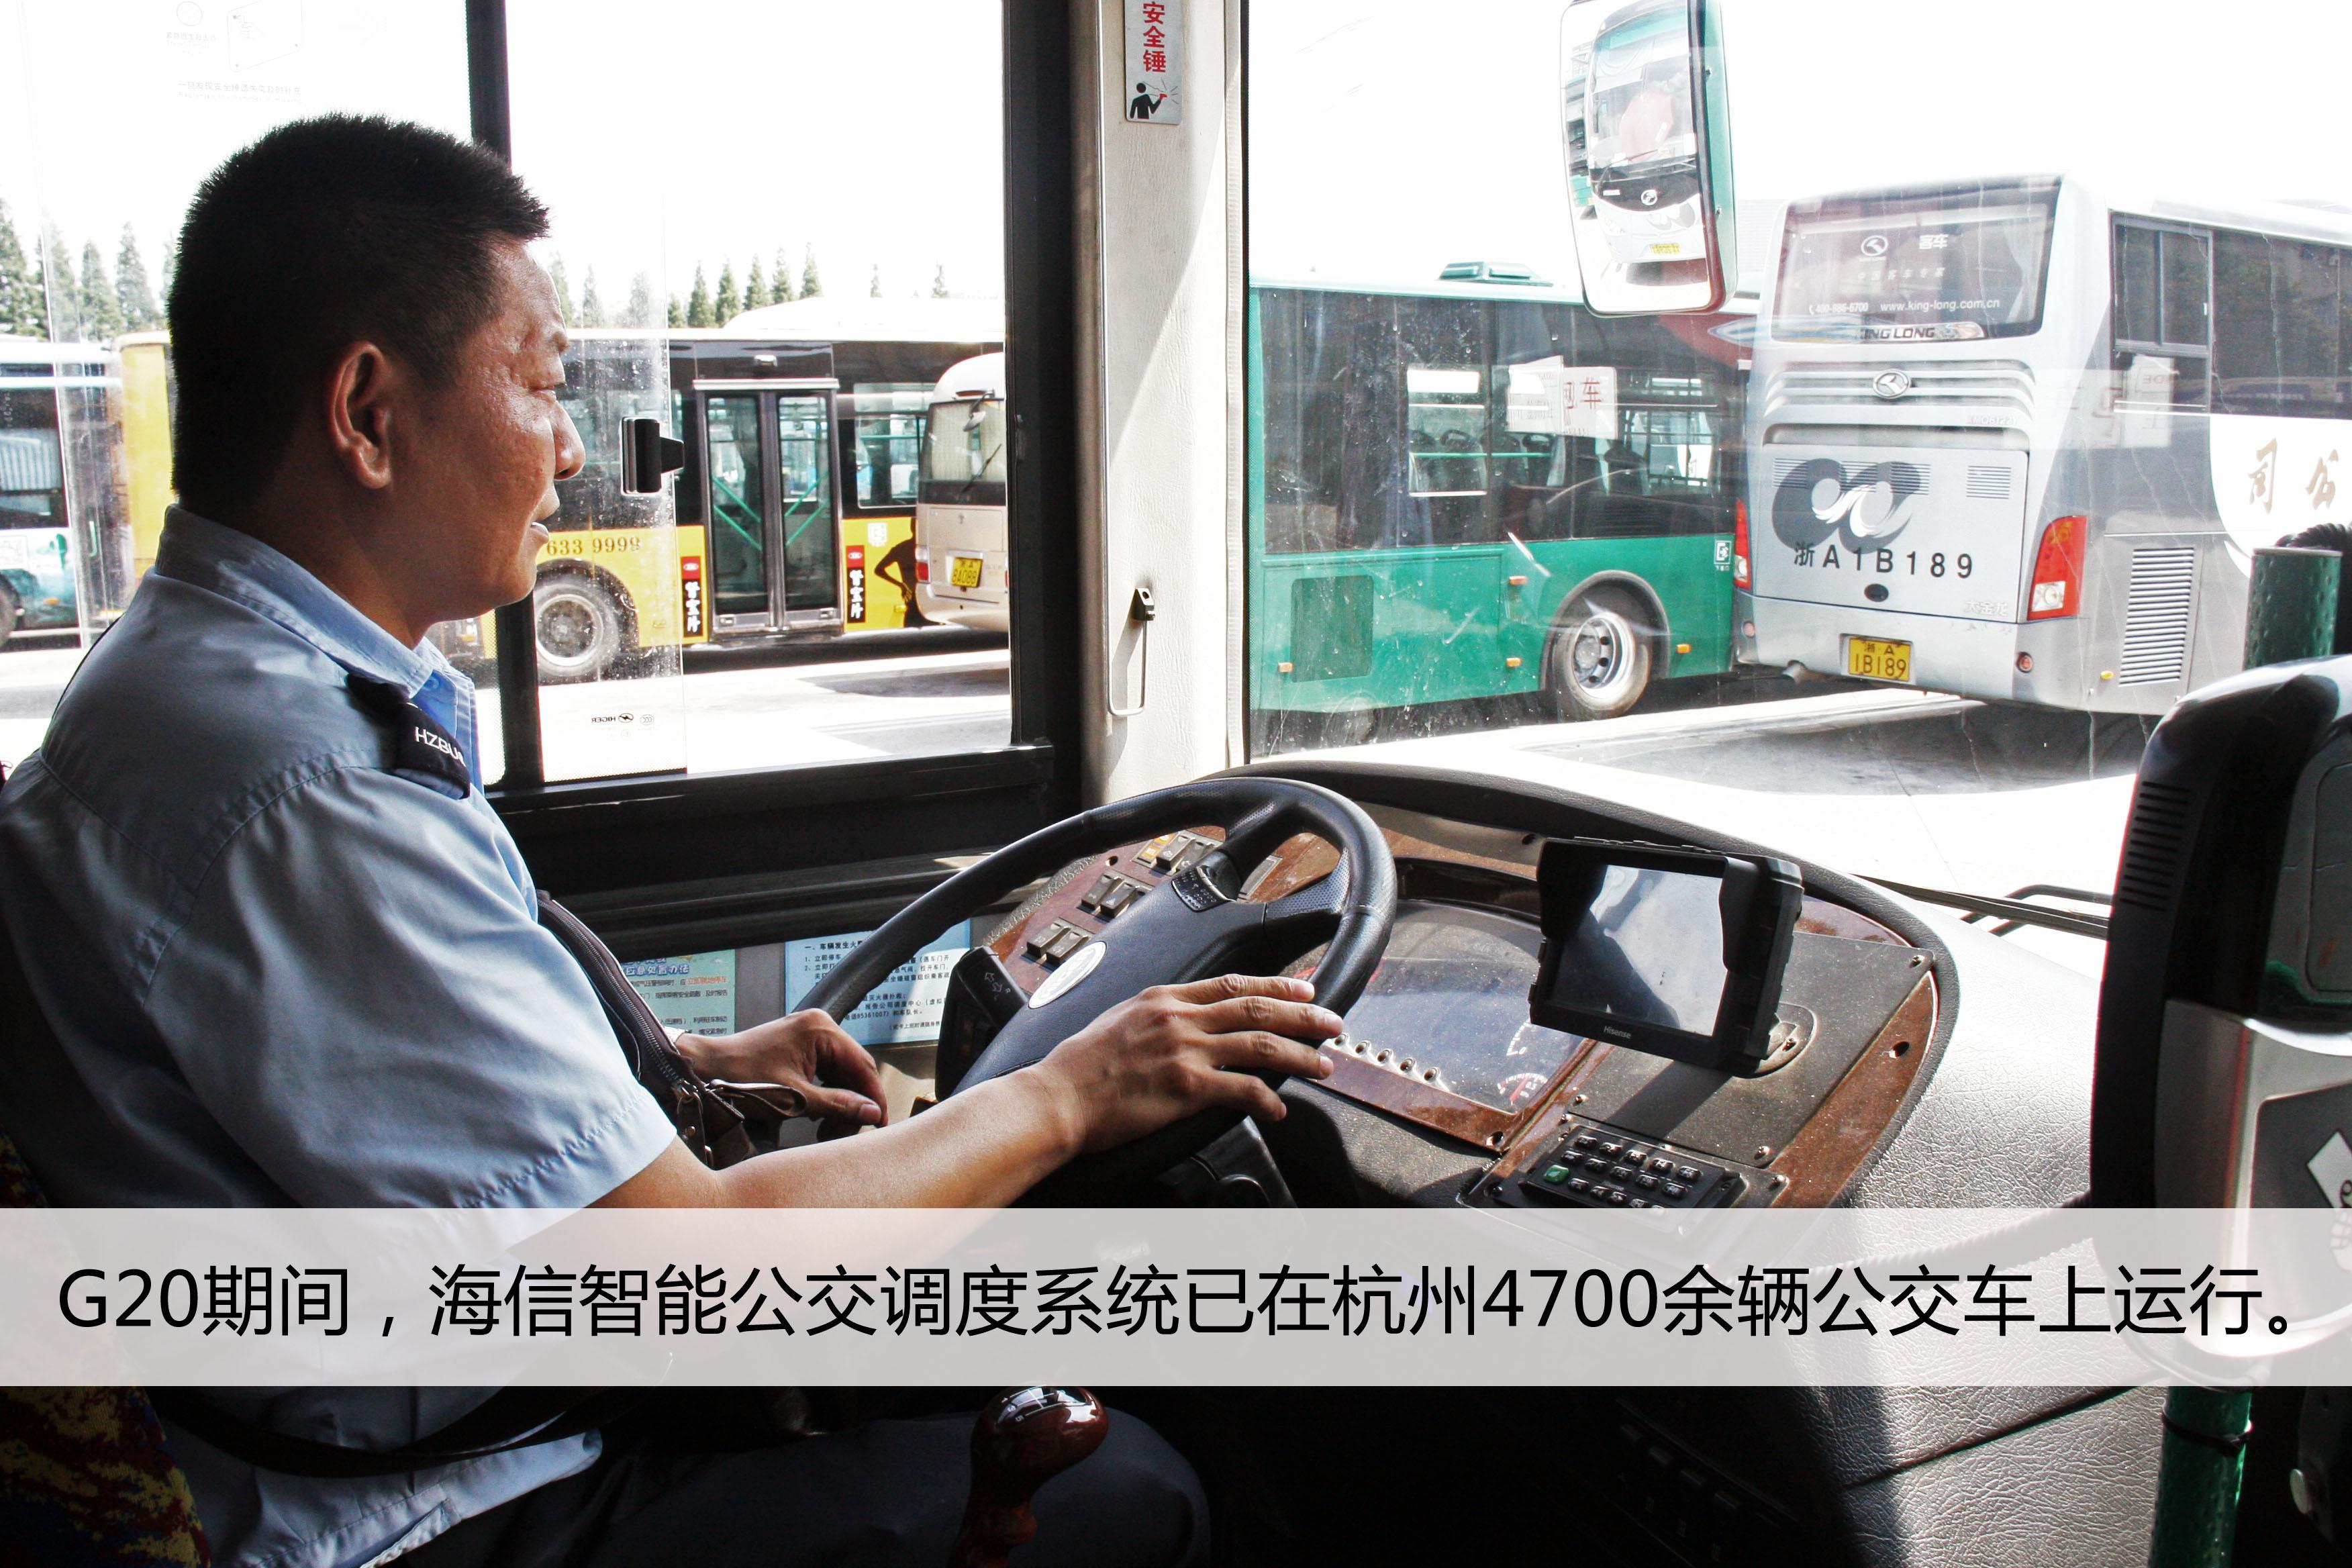 G20实现智慧出行 海信为杭州4700辆公交车智能化升级